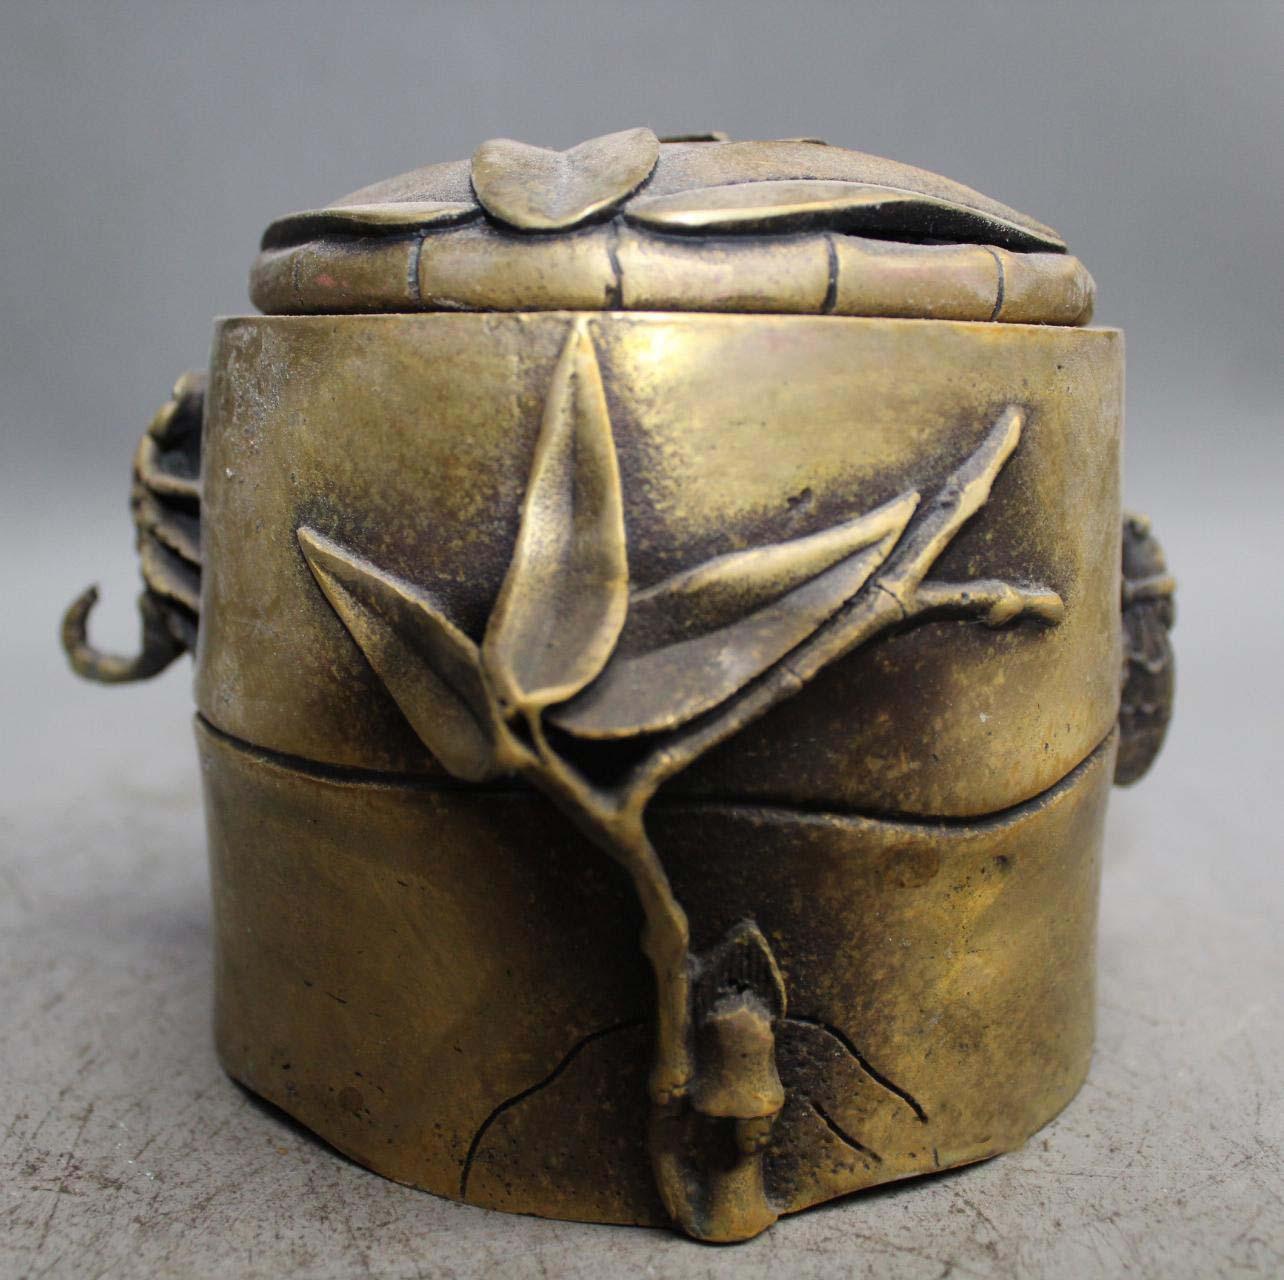 6 China brass fine workmanship folia bambosae bamboo censer incense burner6 China brass fine workmanship folia bambosae bamboo censer incense burner